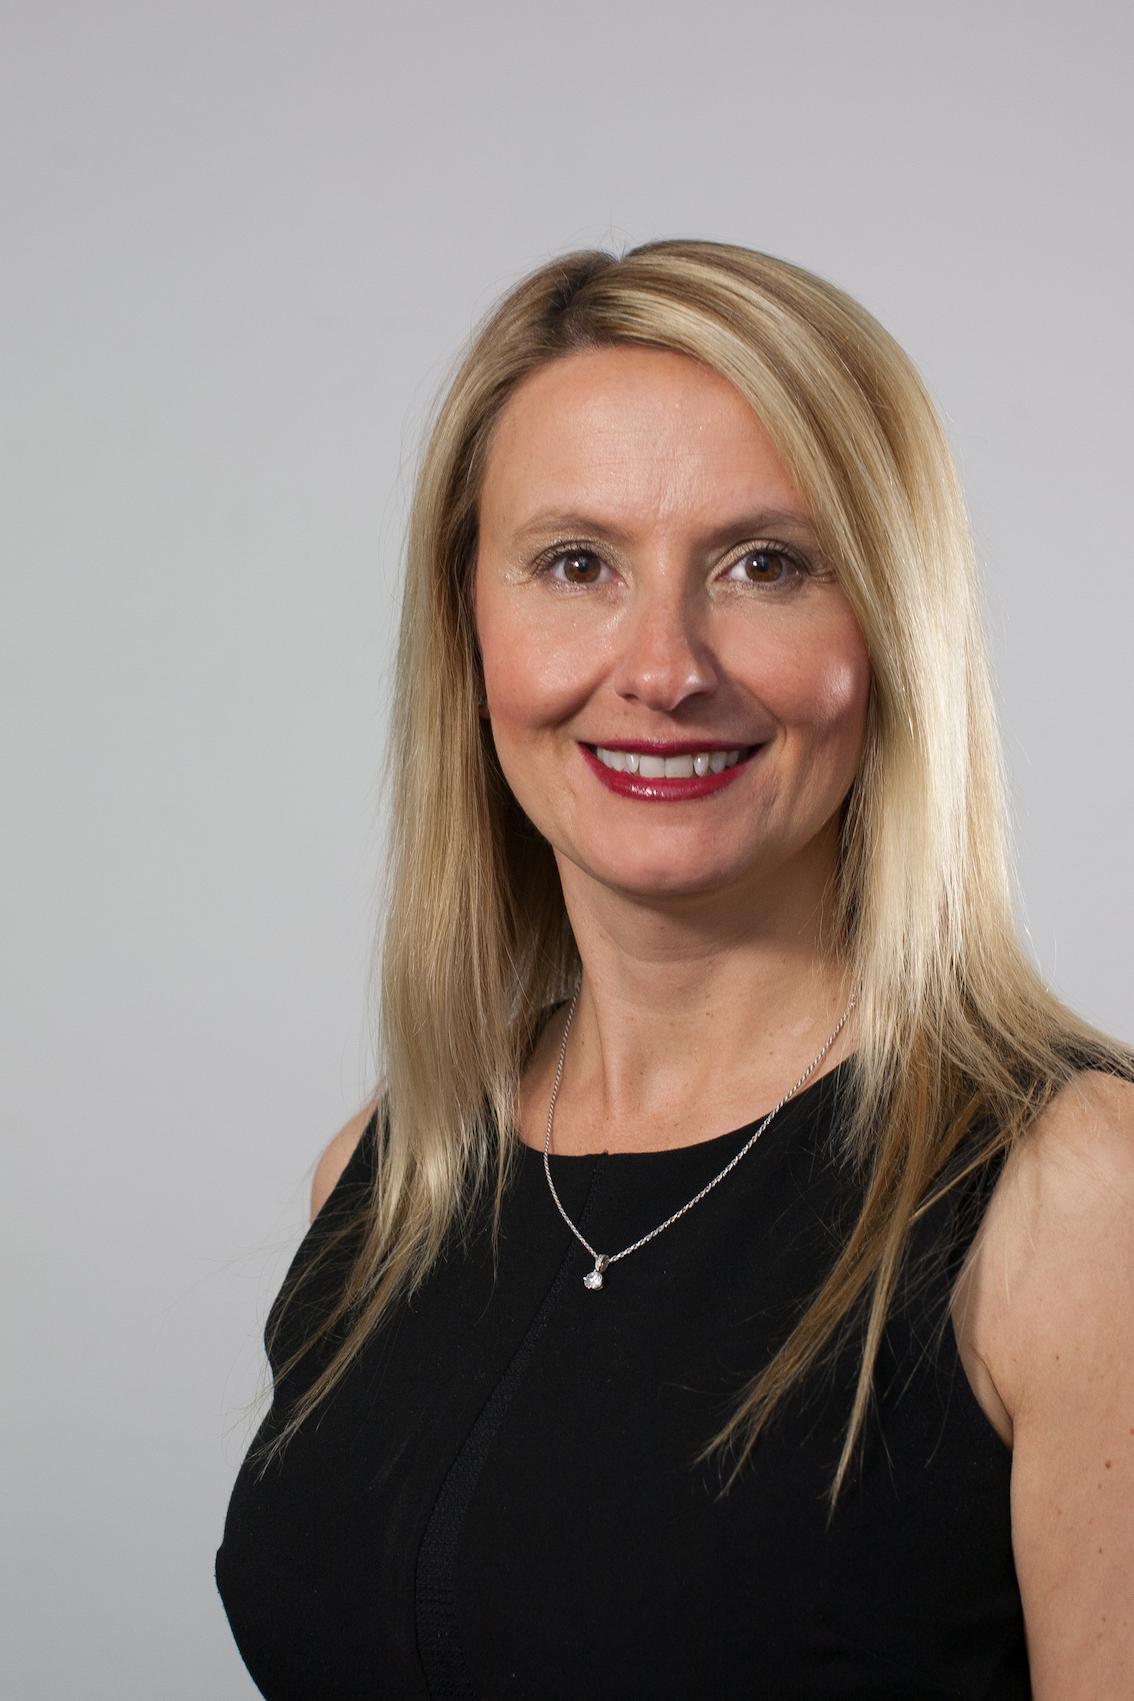 Diana Frezza